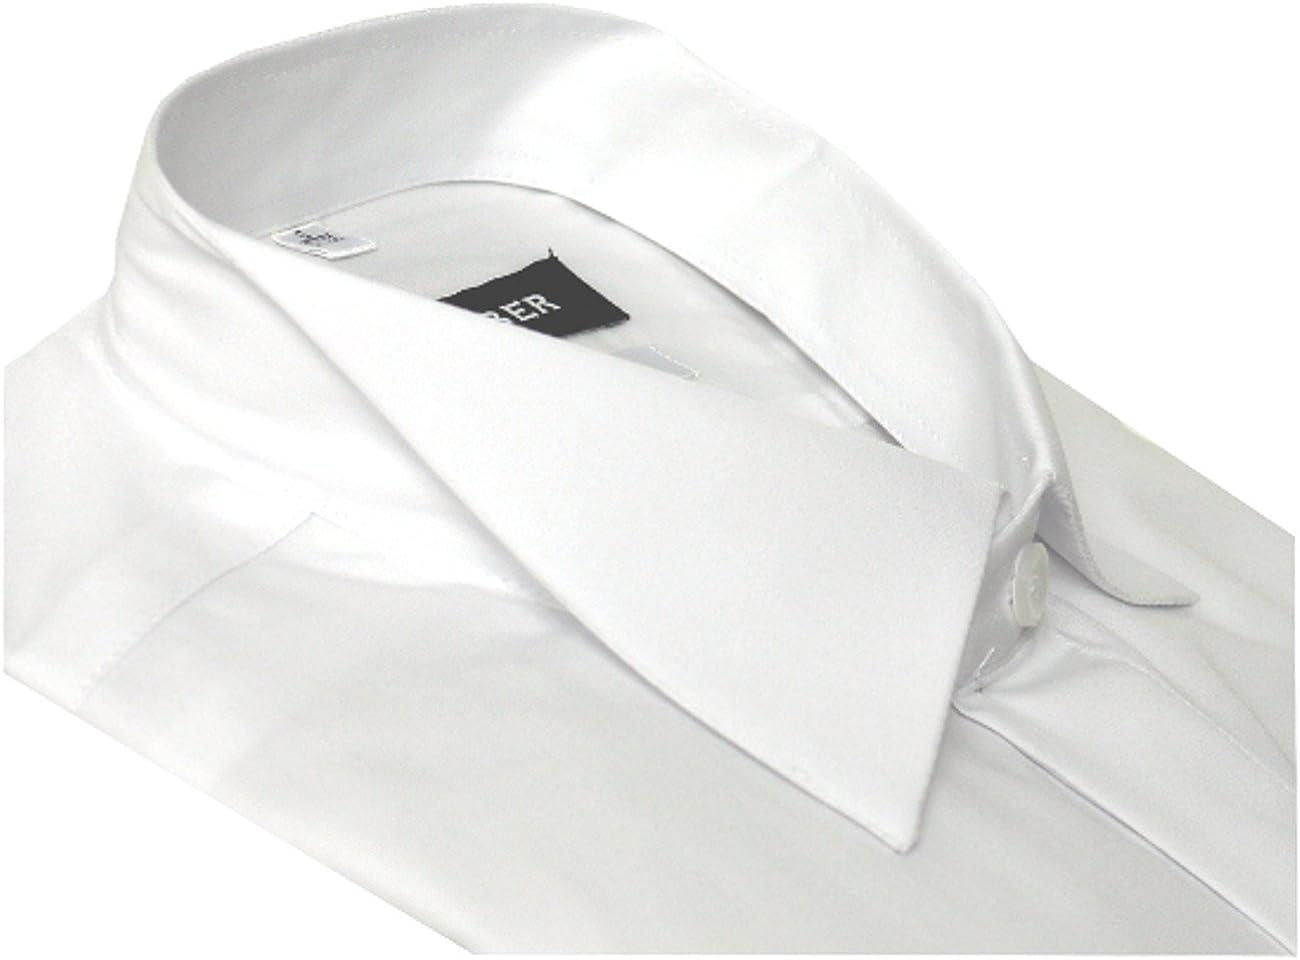 HUBER Smoking Hemd wei/ß Slim Fit Kl/äppchen-Kragen Umschlag-Manschetten HU-0351 Schmaler Schnitt Made in EU